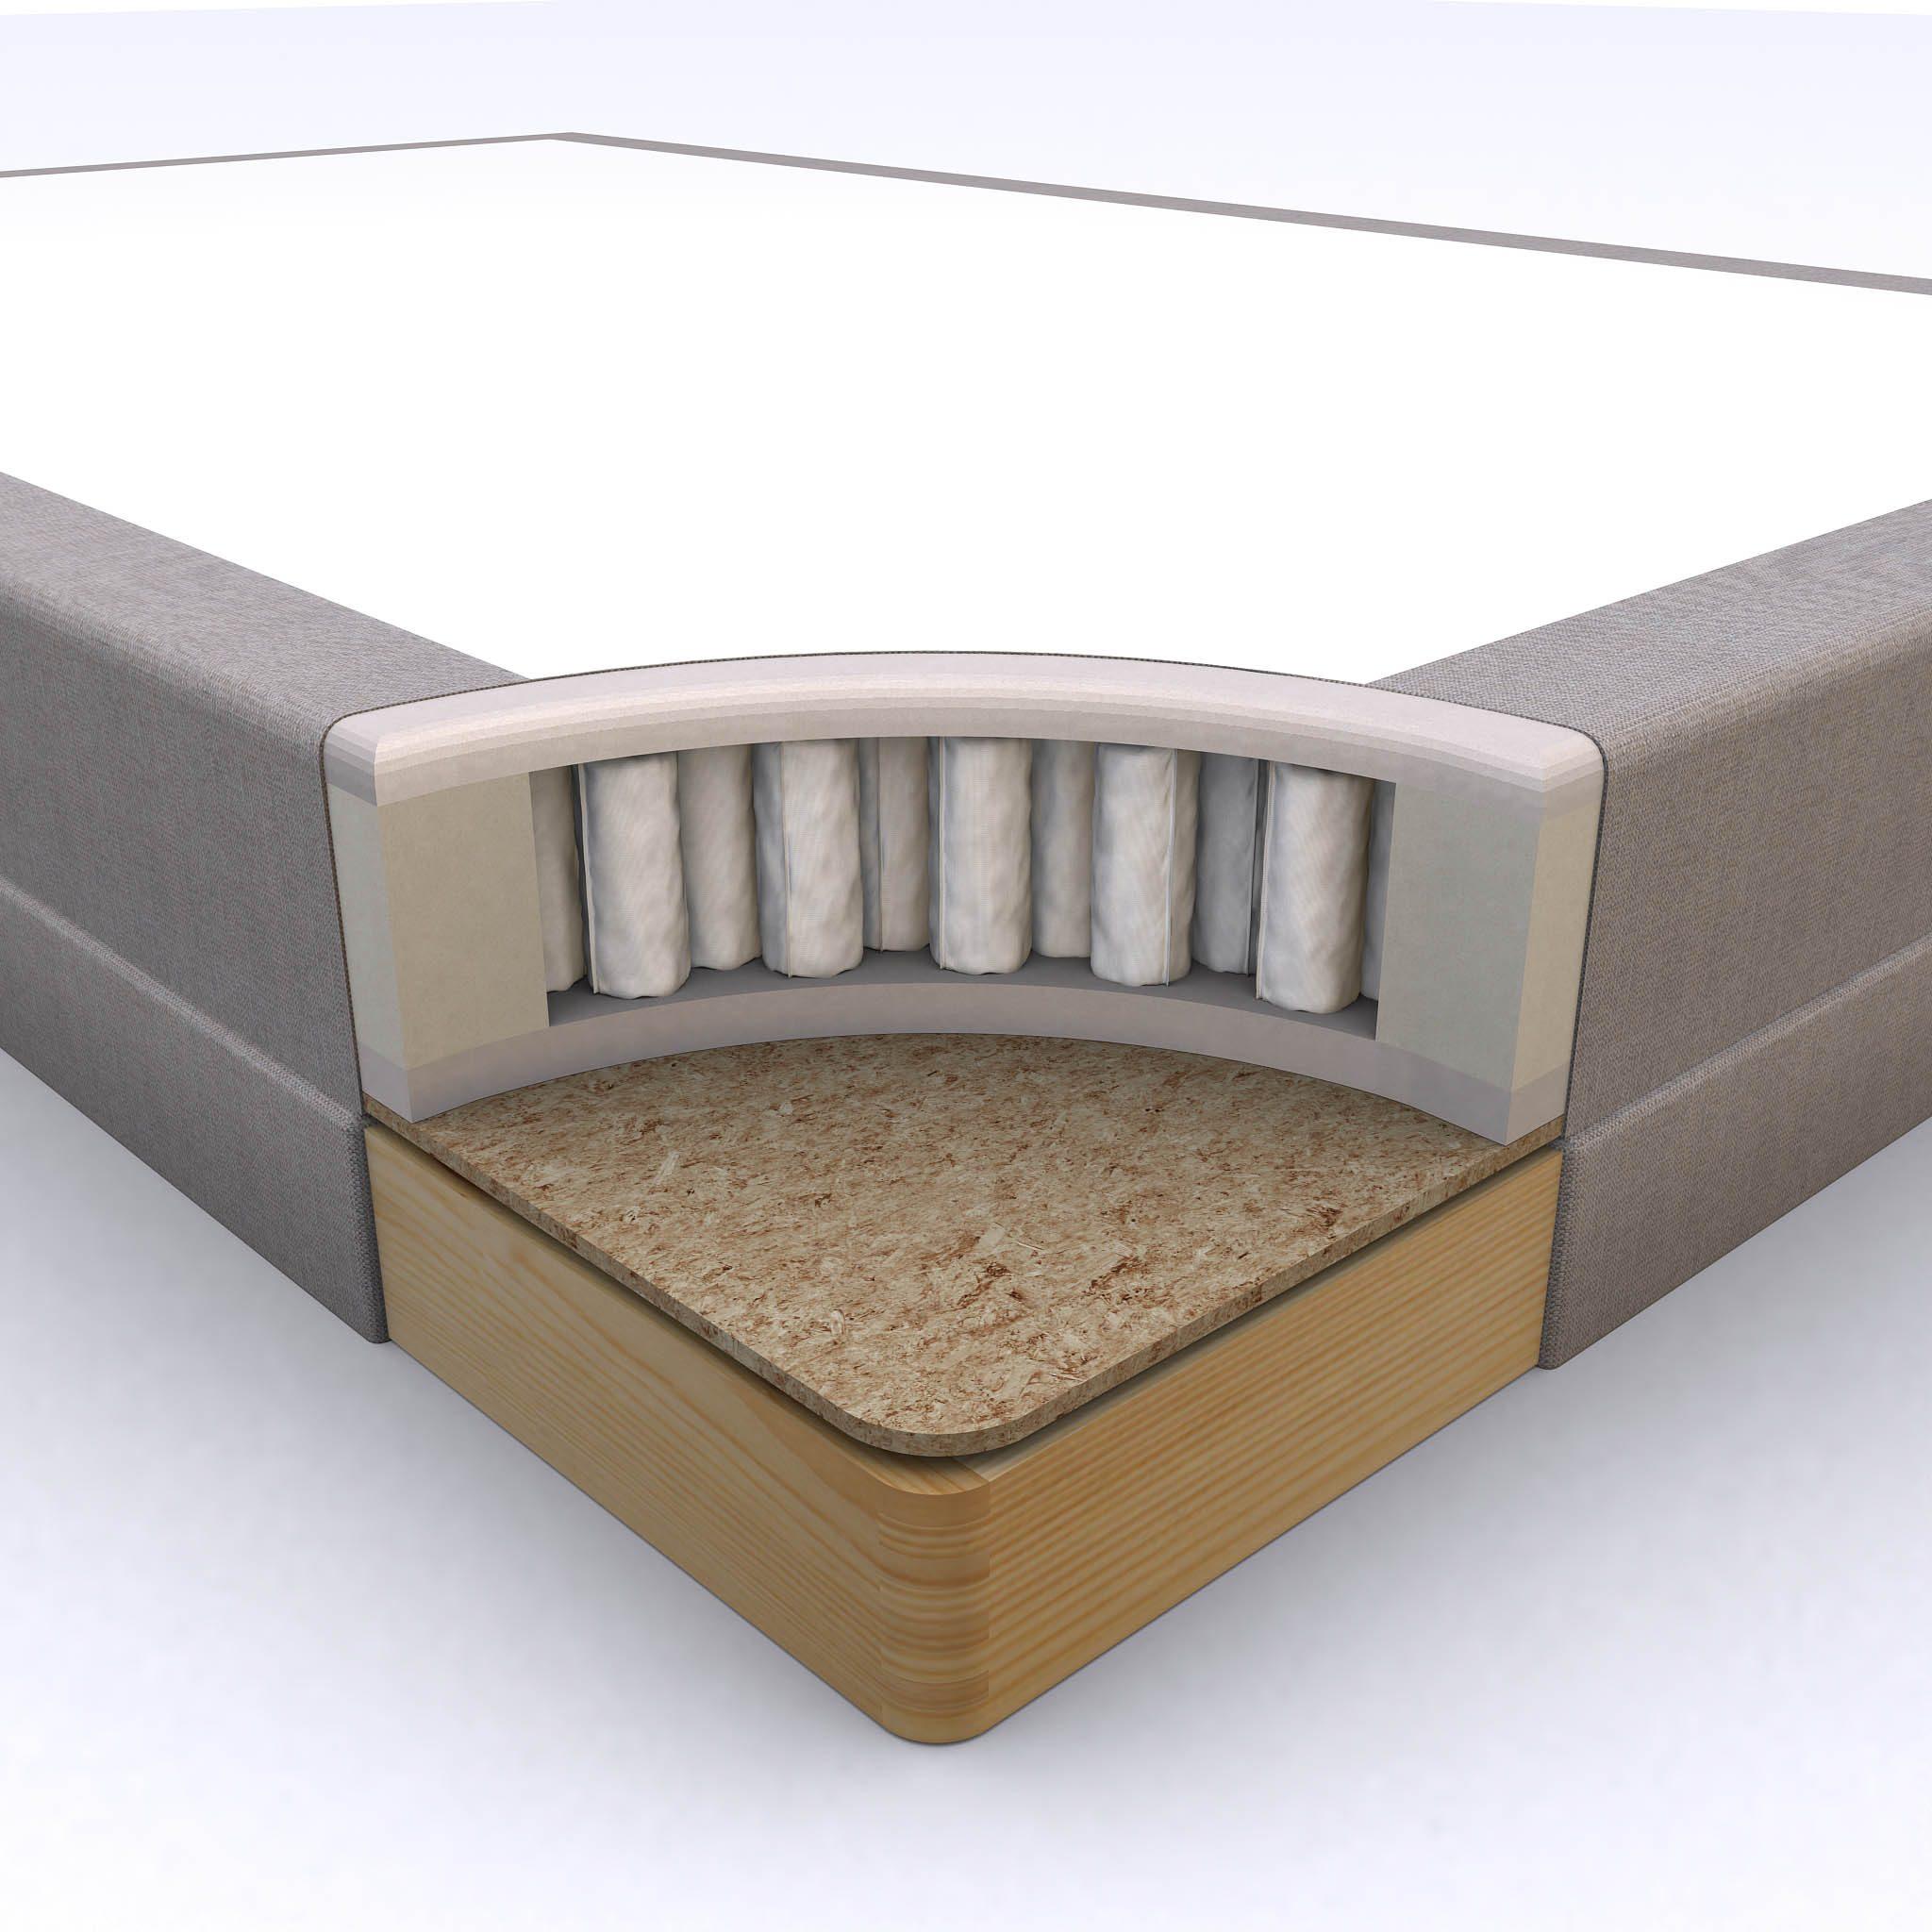 Genomskärning av Element ställbar säng.